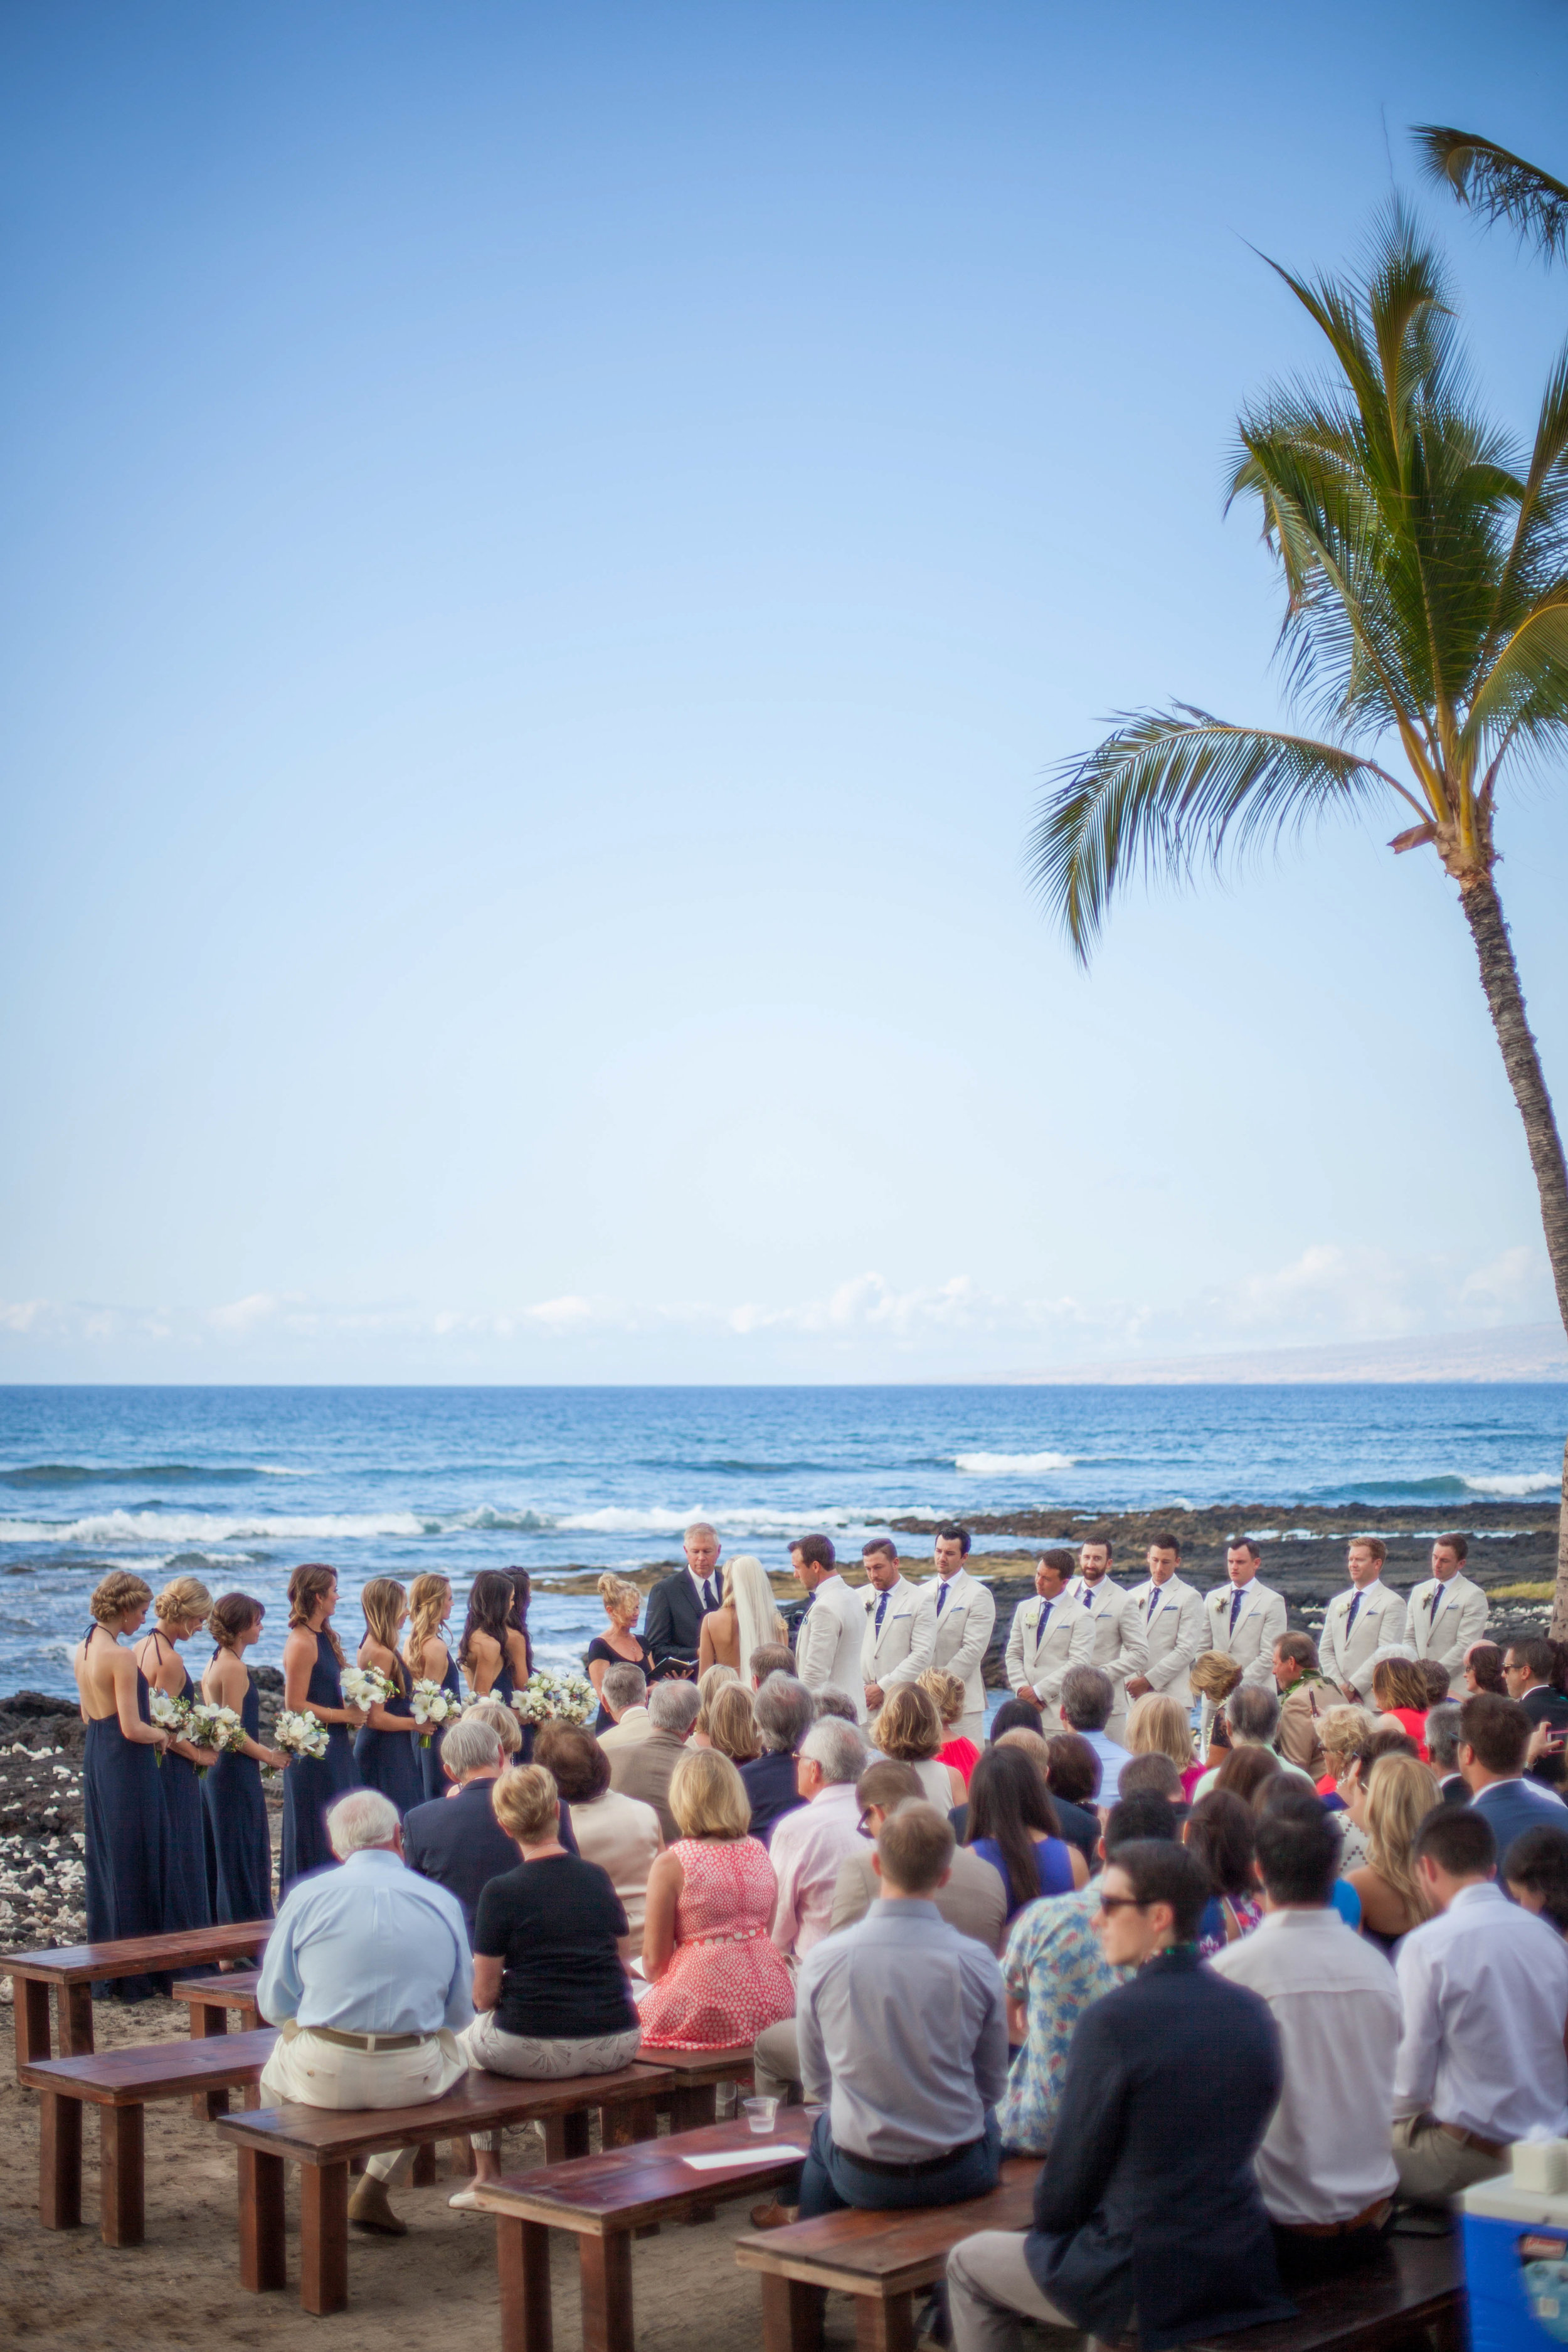 big island hawaii mauna lani resort wedding © kelilina photography 20160131161842-1.jpg